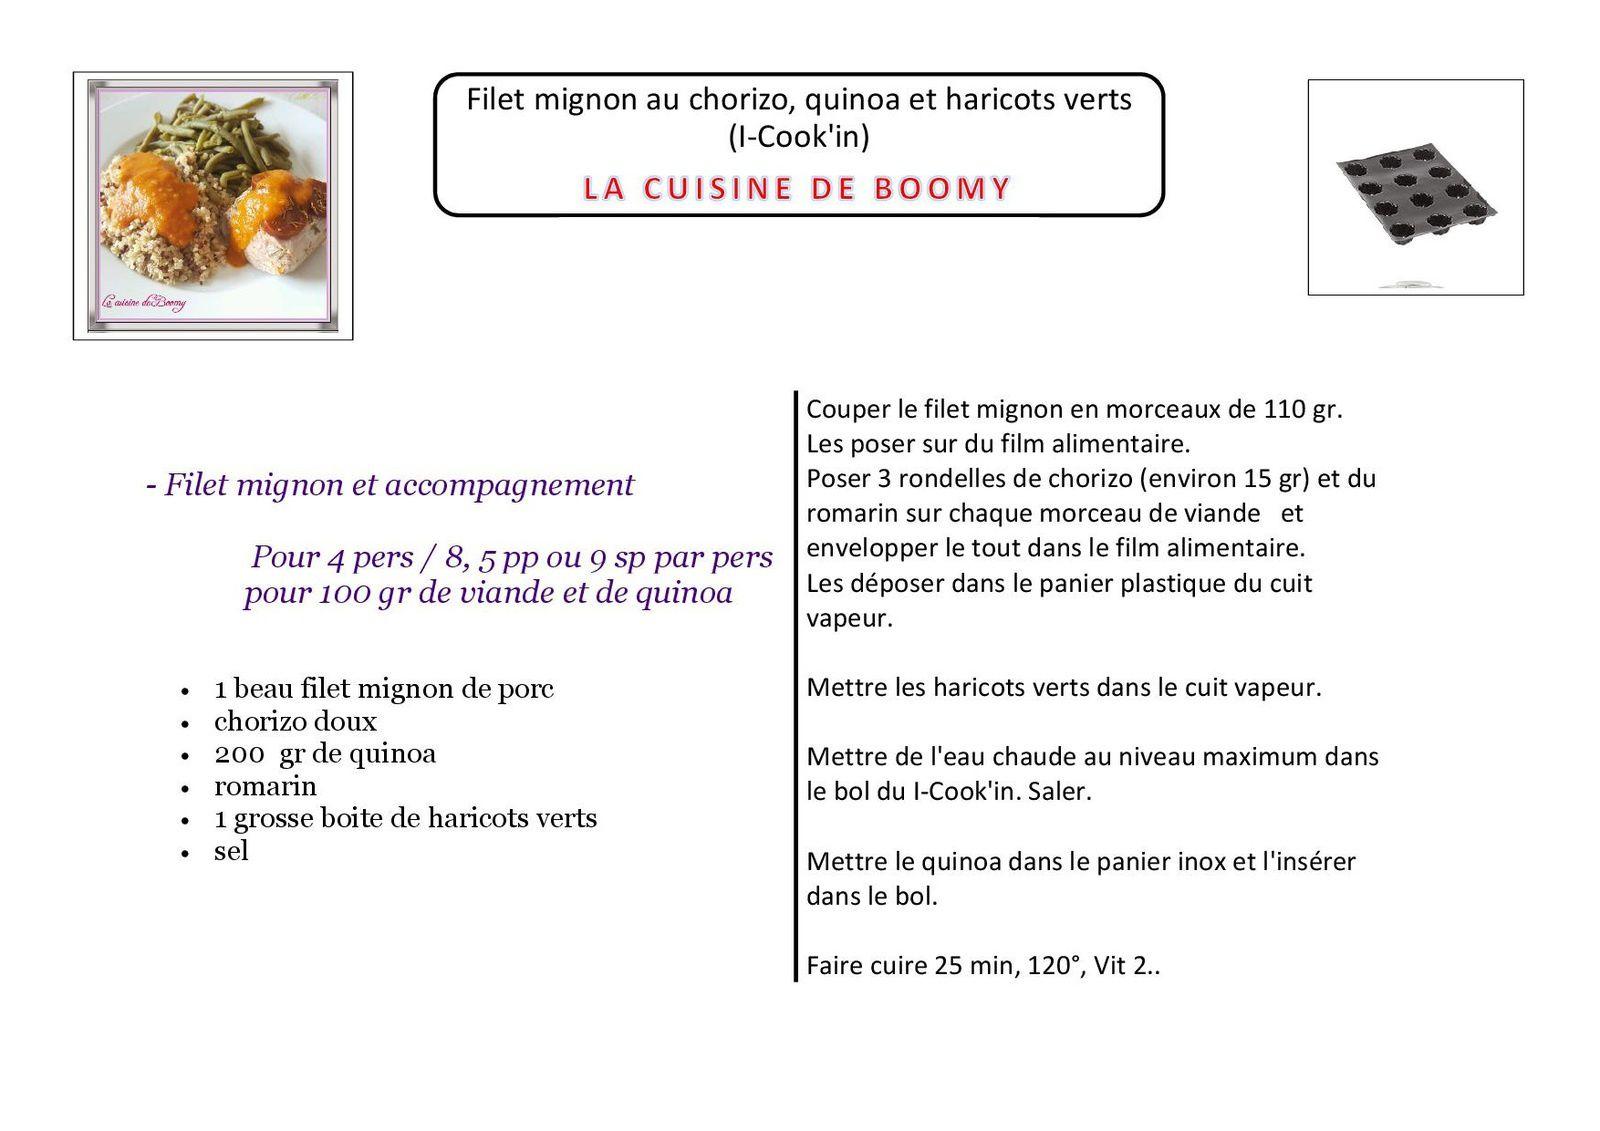 Filet mignon au chorizo, quinoa et haricots verts (I-Cook'in)